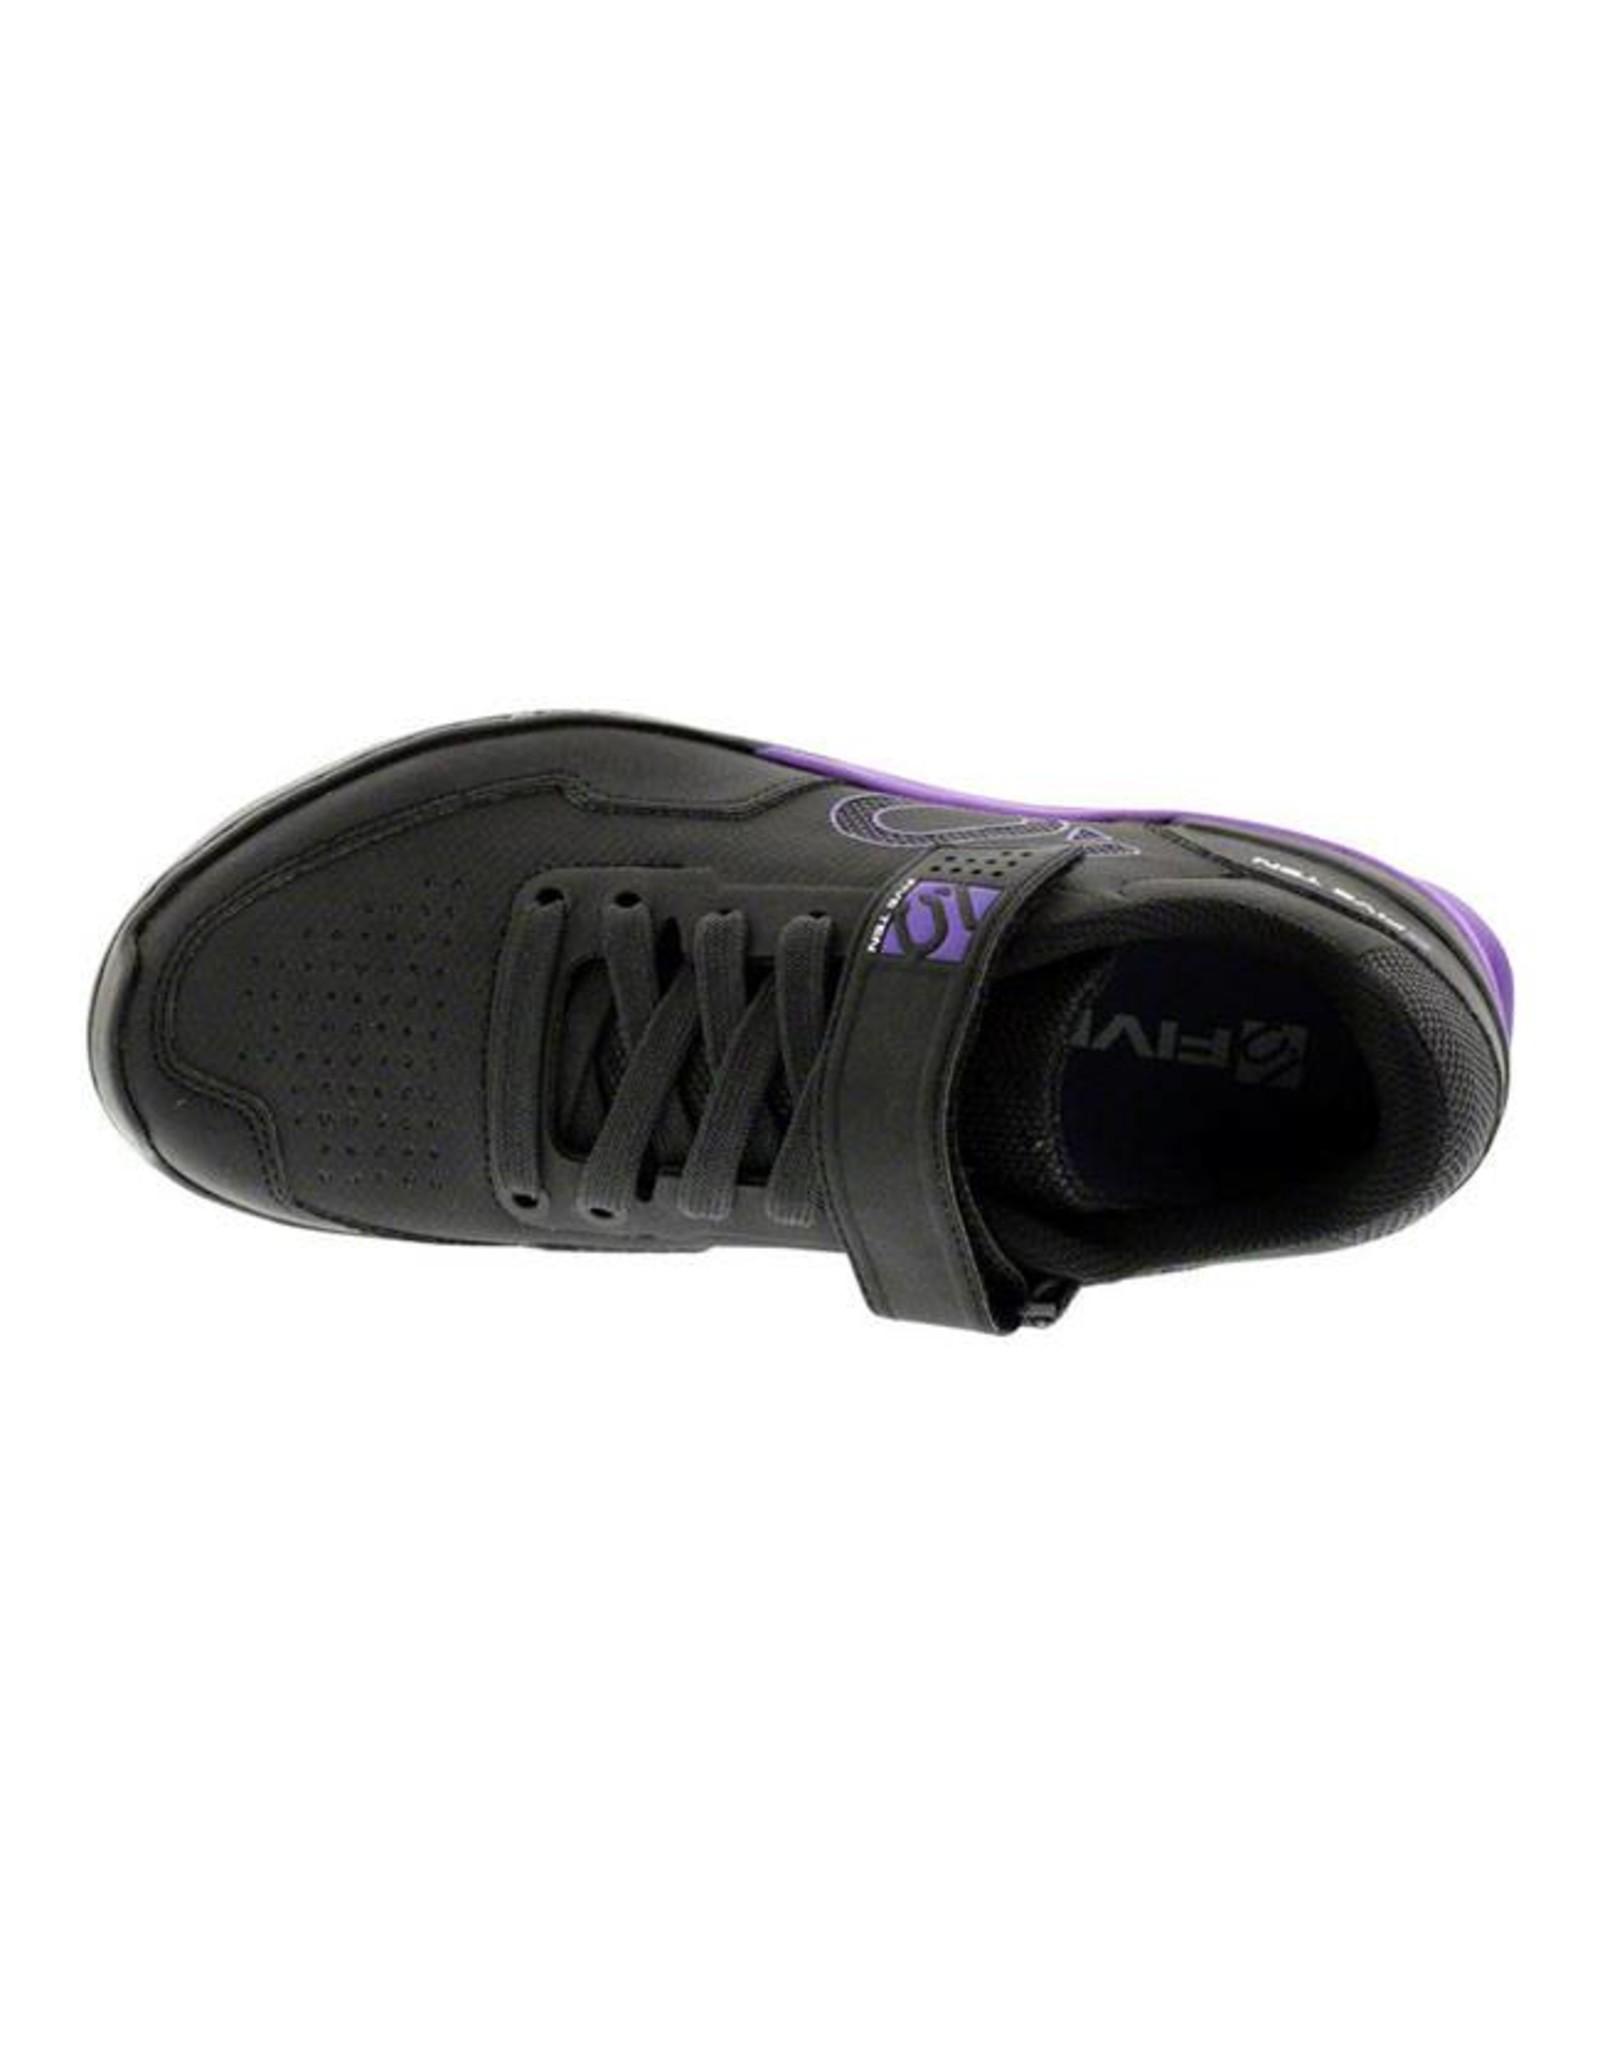 Five Ten Five Ten Kestrel Lace Women's Clipless Shoe: Black Purple 11